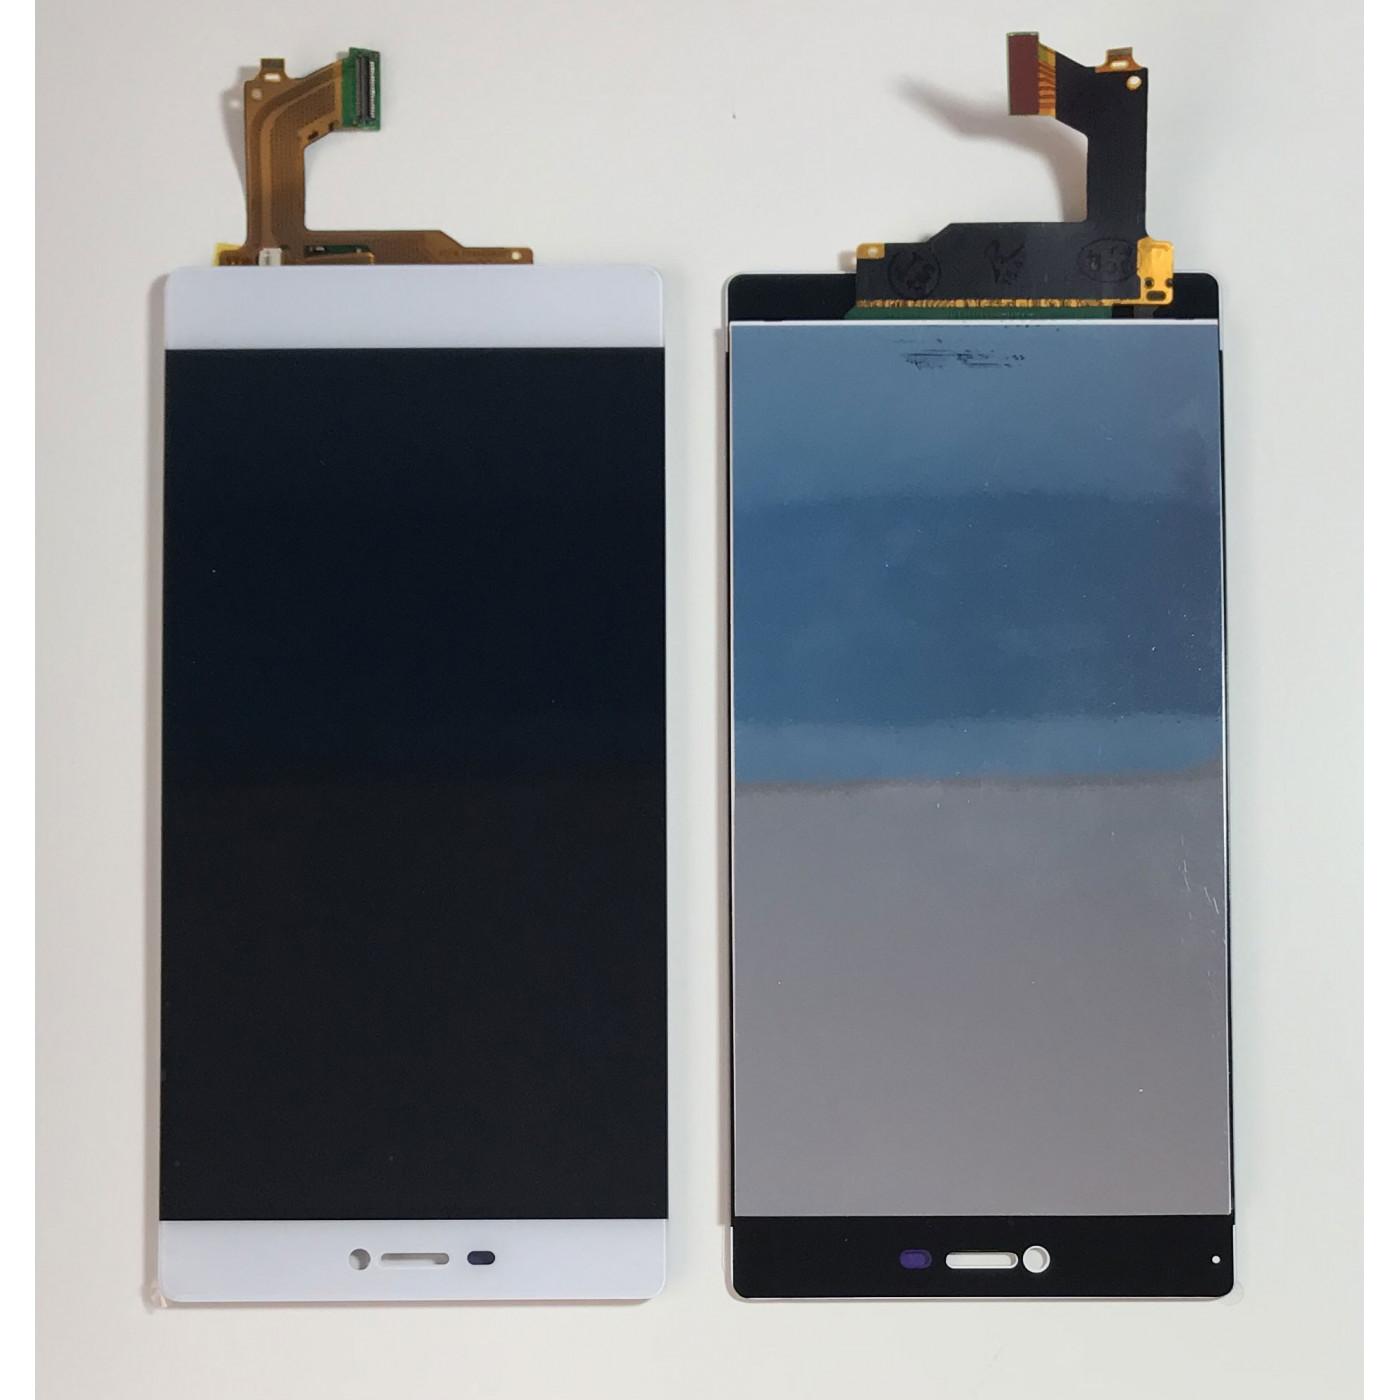 LCD-ANZEIGE für Huawei P8 5.2 WHITE GRA-L09 BERÜHRUNGSBILDSCHIRMGLAS